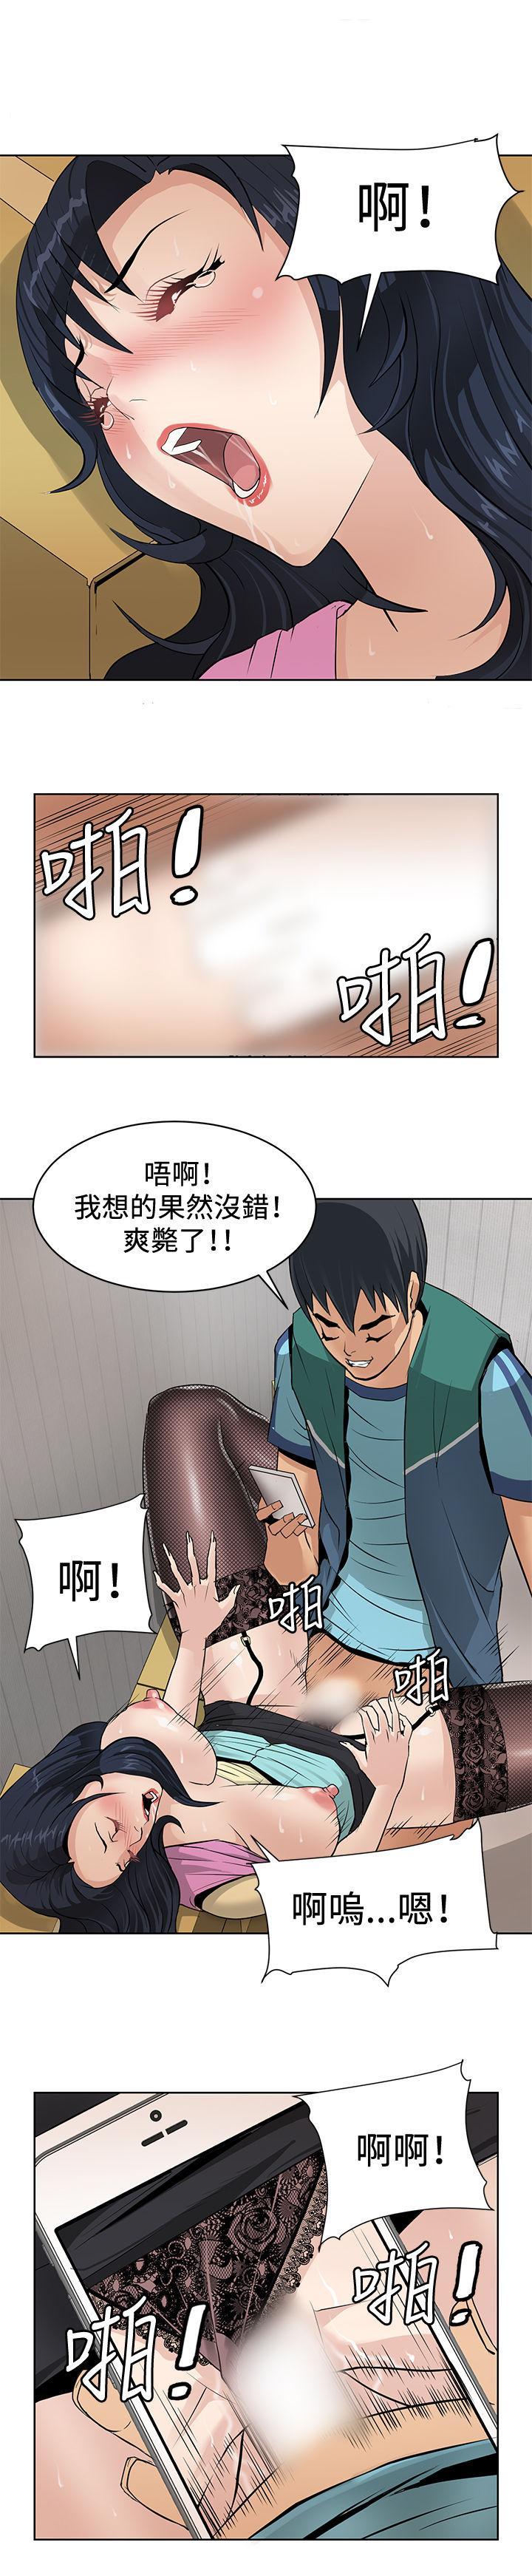 催眠师 第1話 [Chinese]中文 18